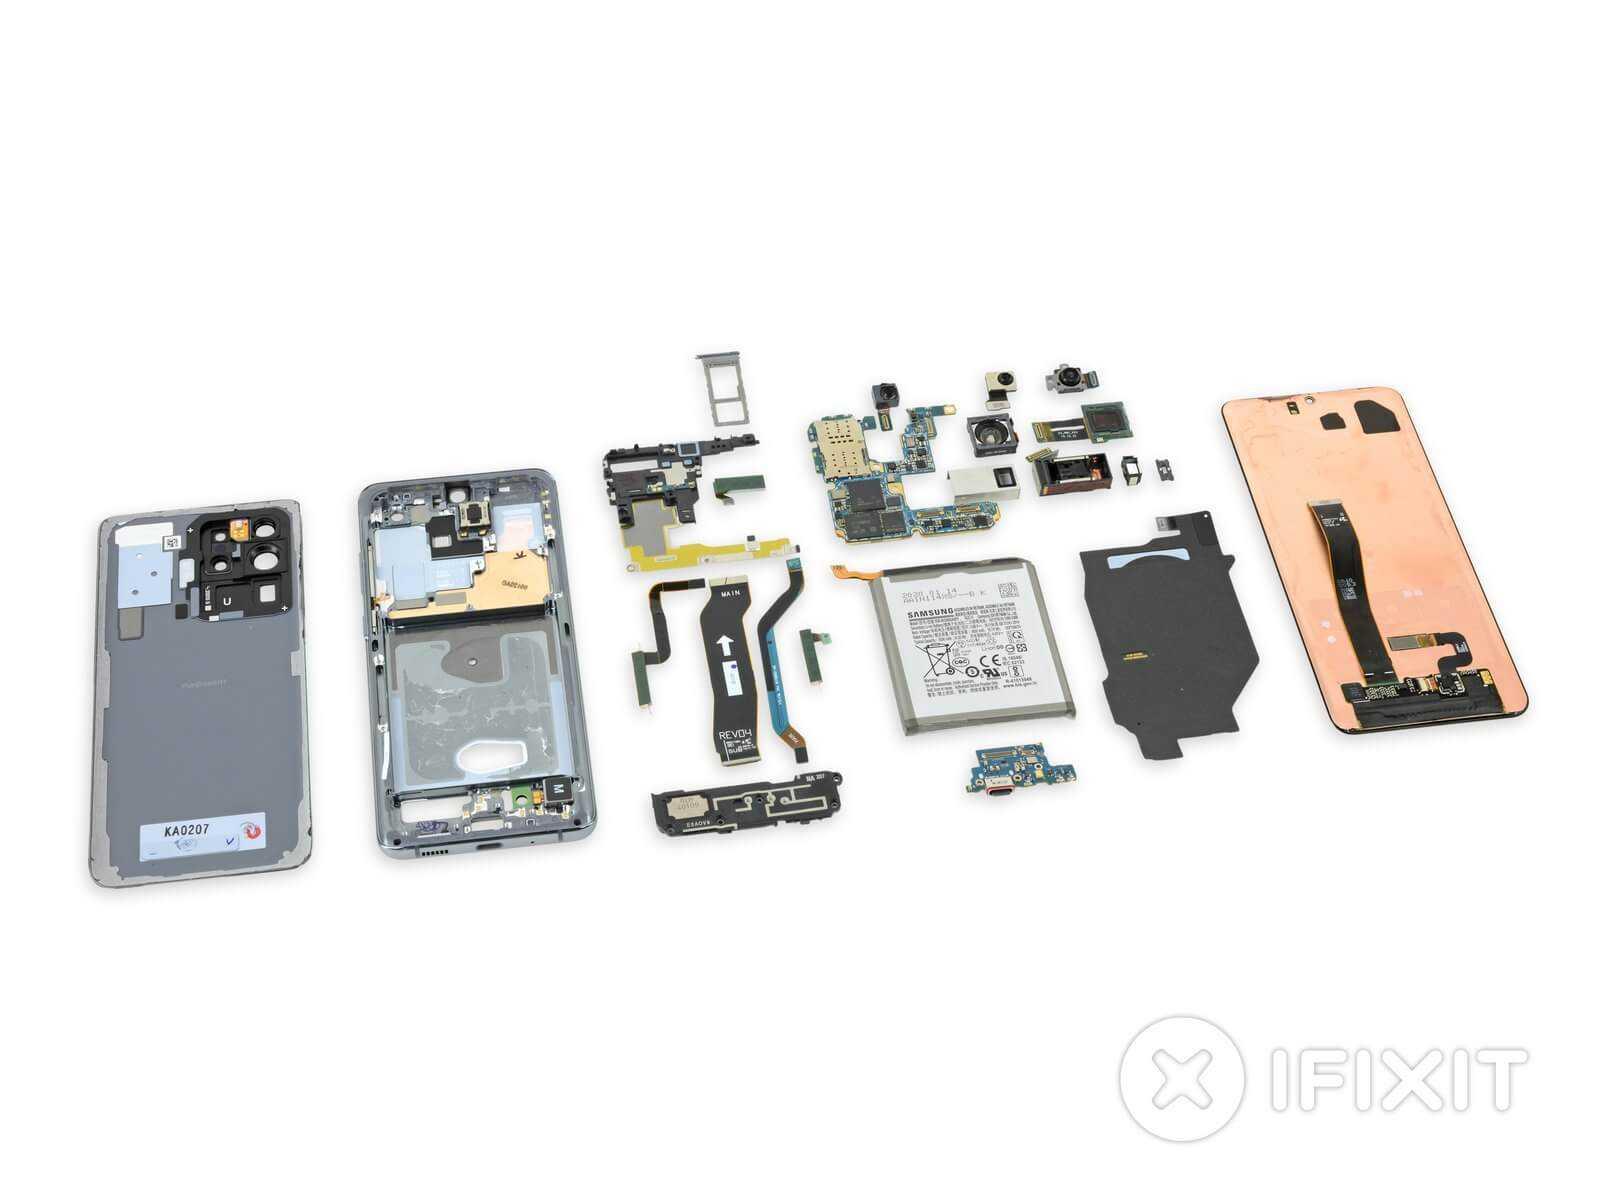 В августе компания Samsung официально представила революционный сенсор на 108 мегапикселей созданный при поддержке Xiaomi Эту технологию уже получило два флагманских